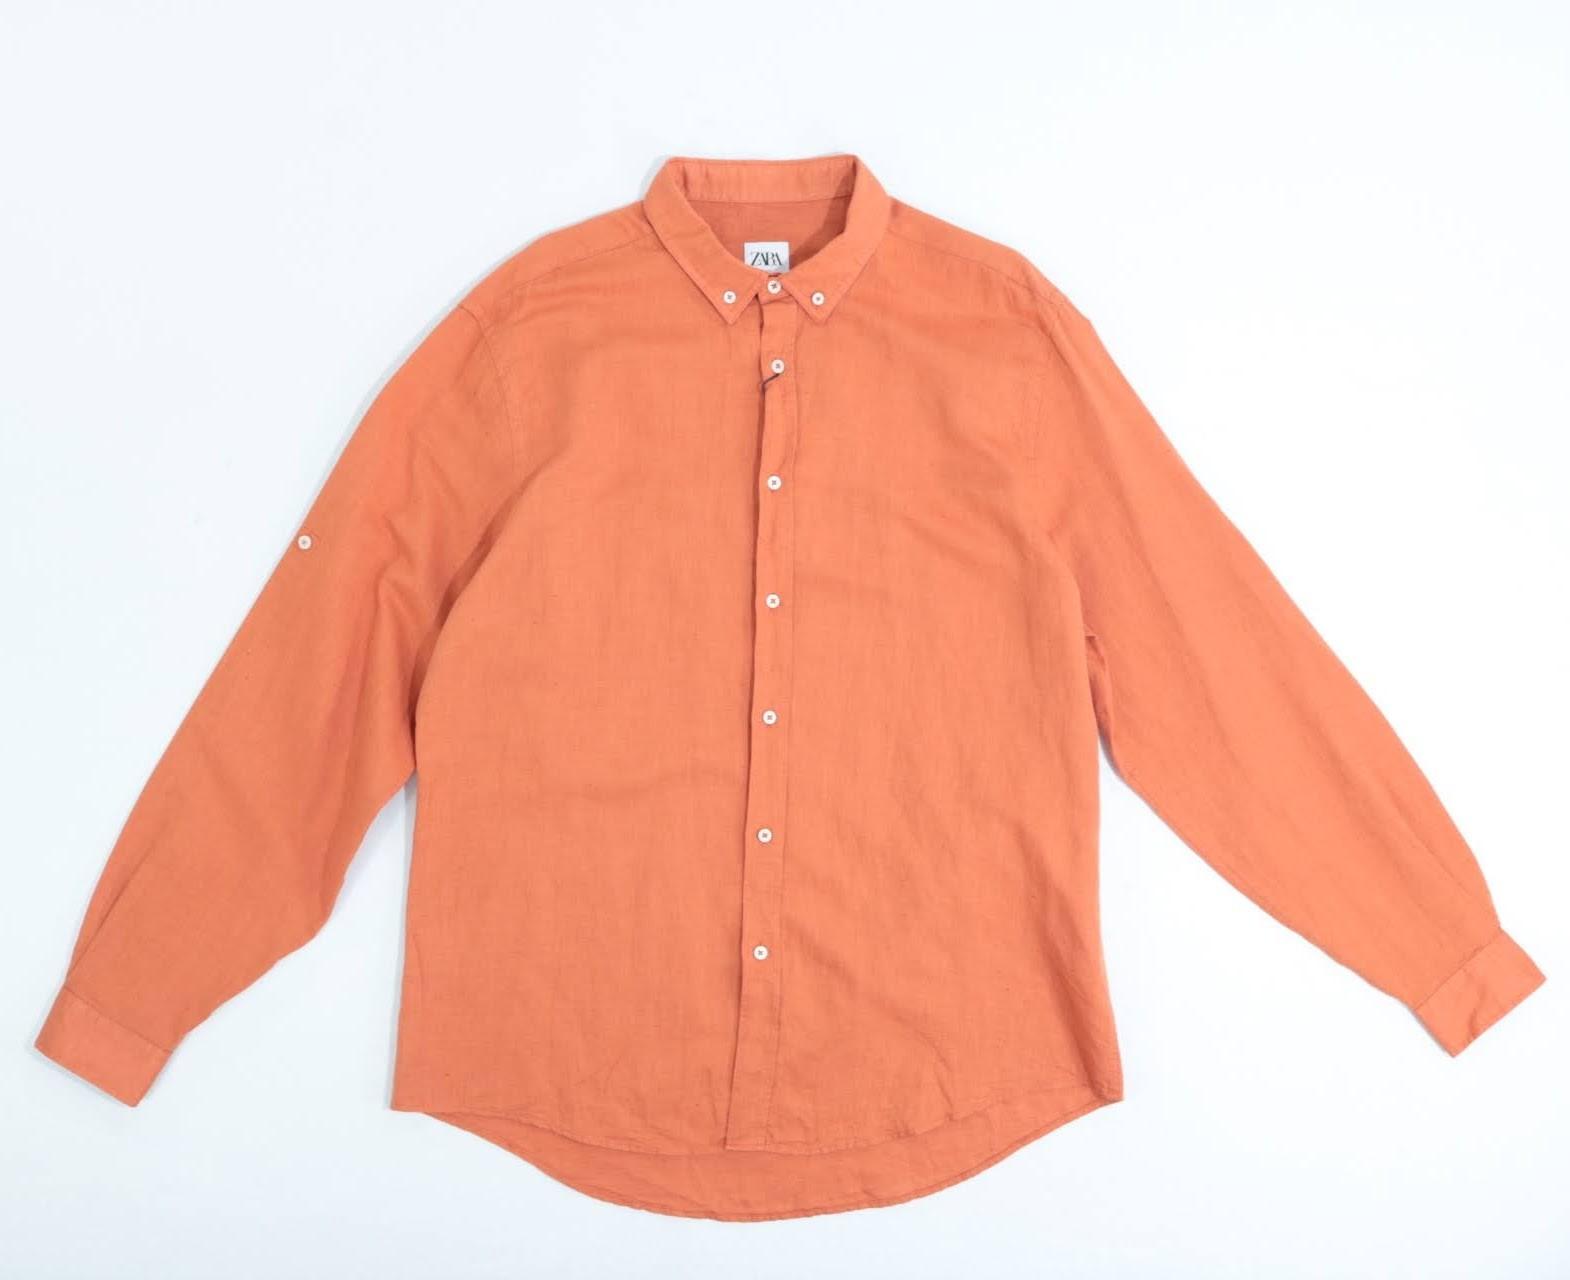 Camisa Manga Longa - Zara - G